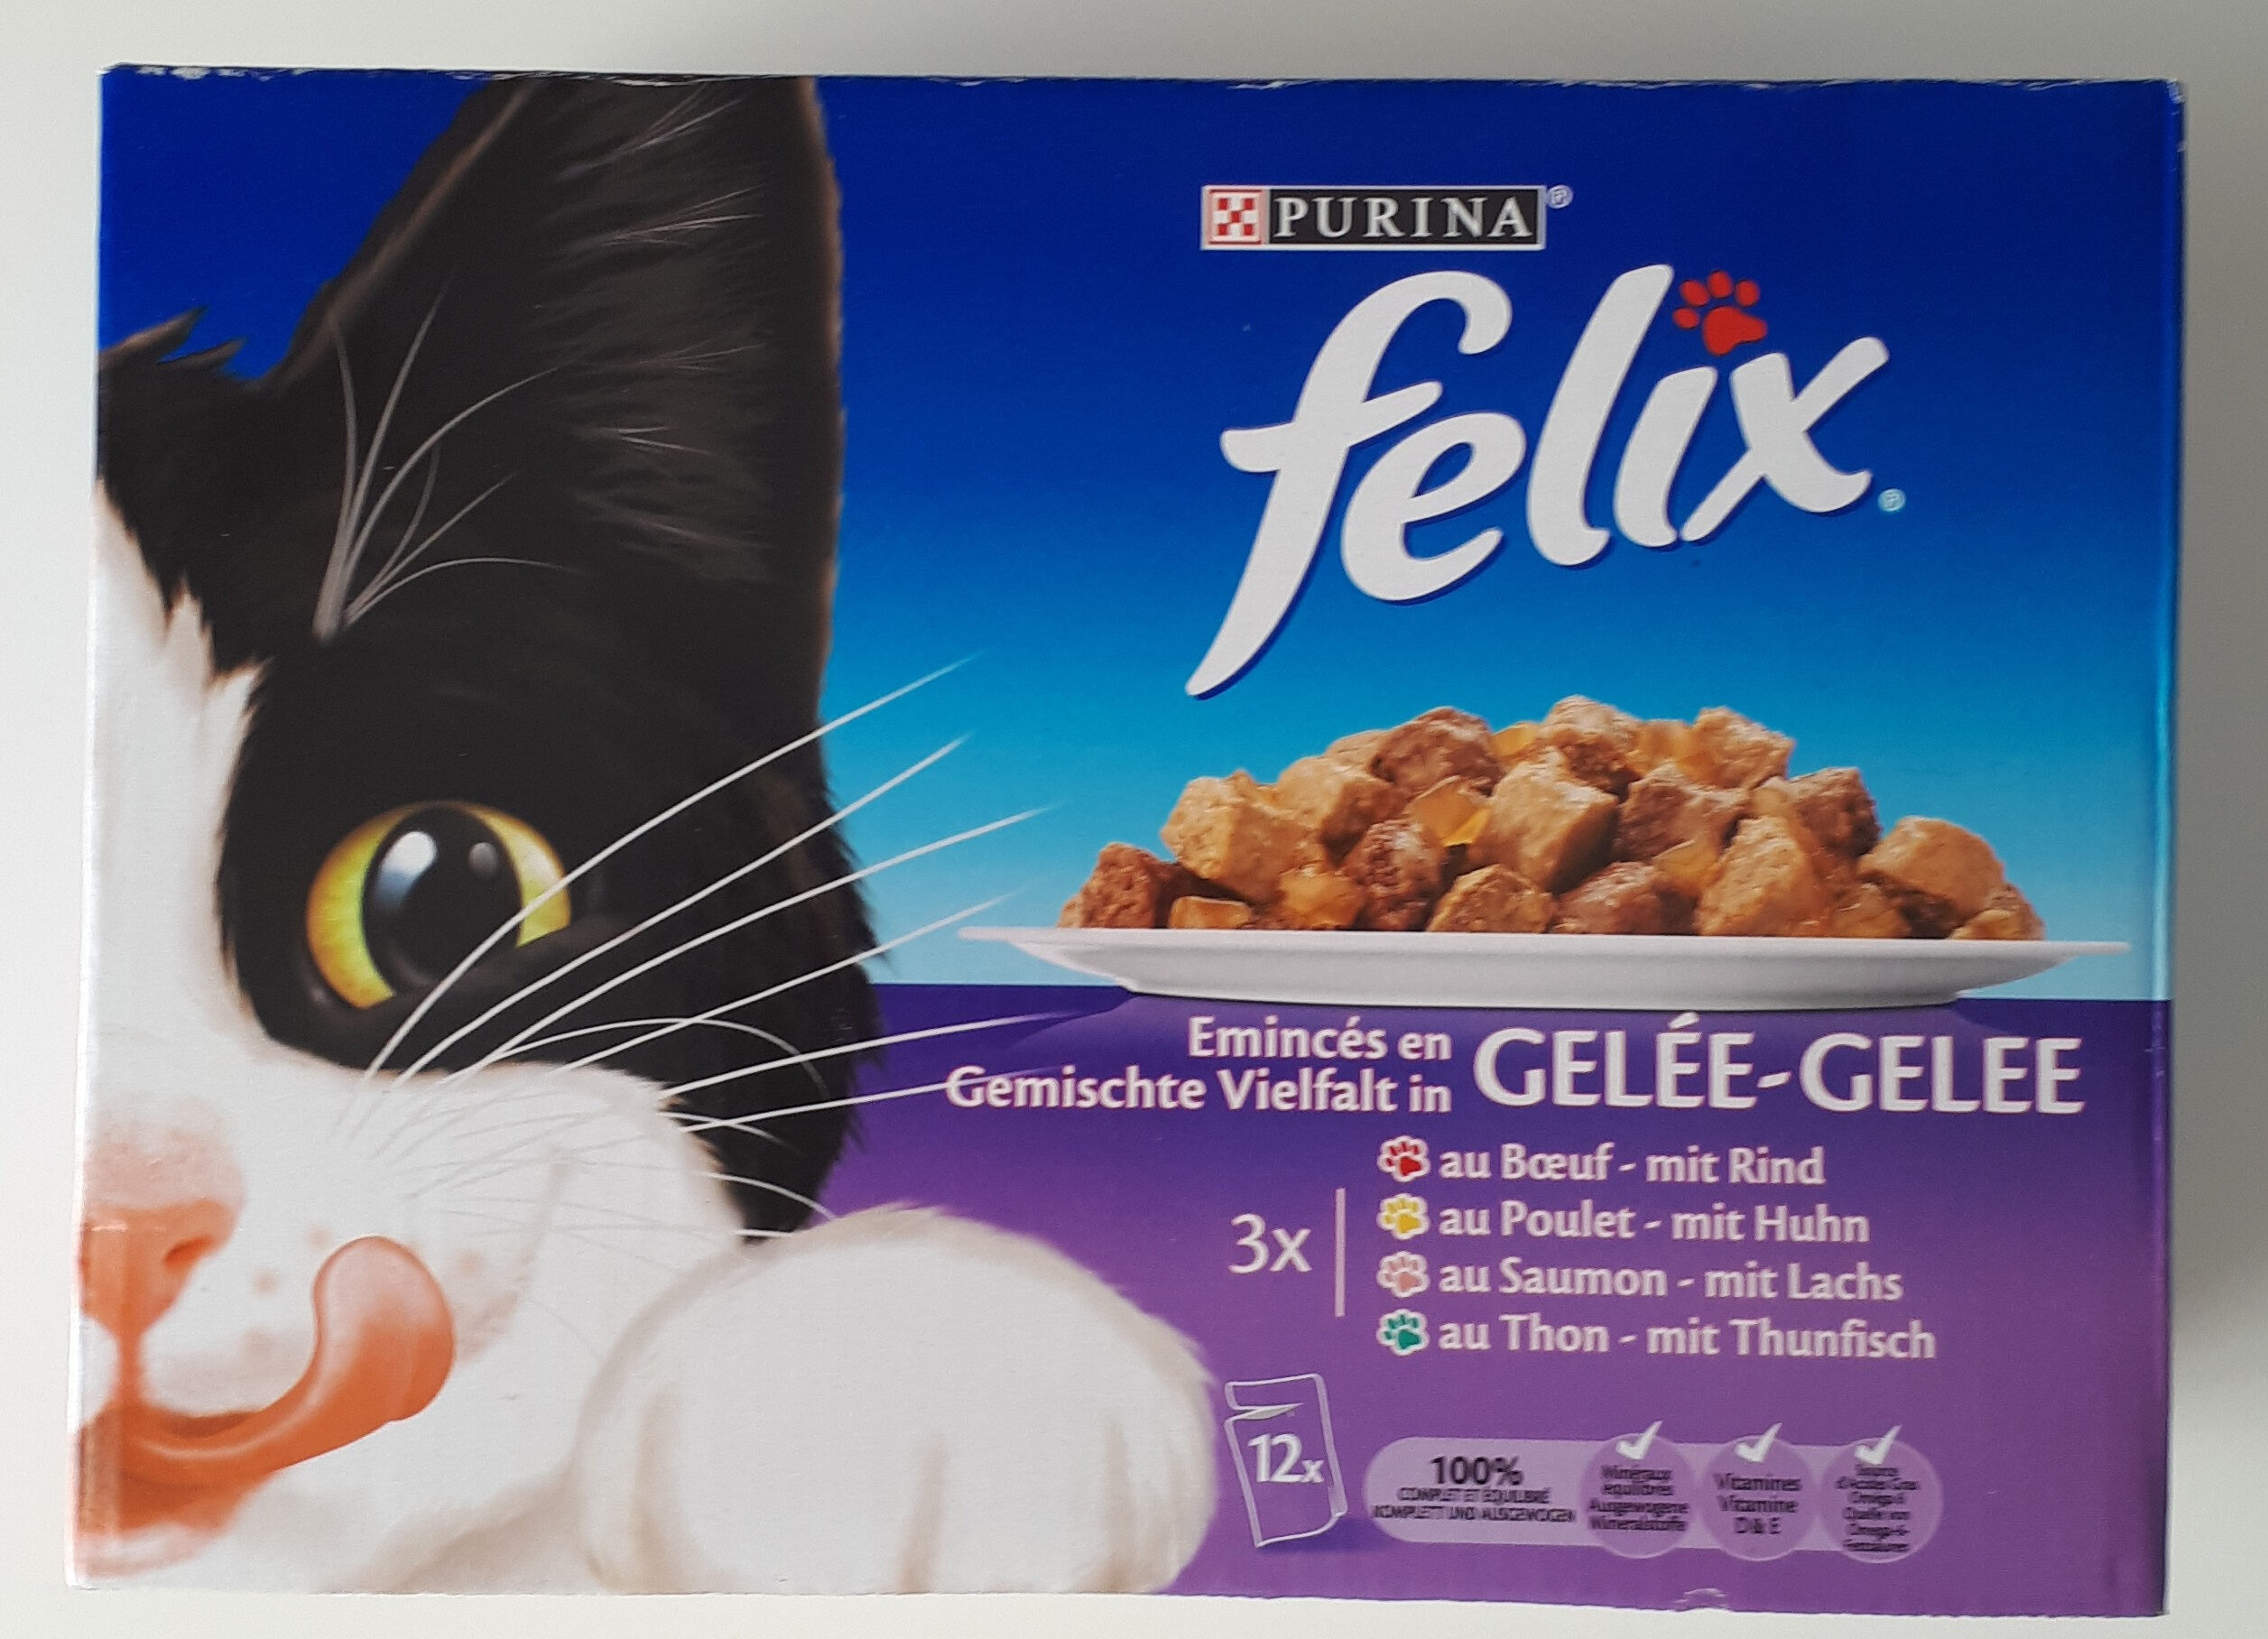 Emincés en gelée pour chats, boeuf, saumon, poulet et thon - Product